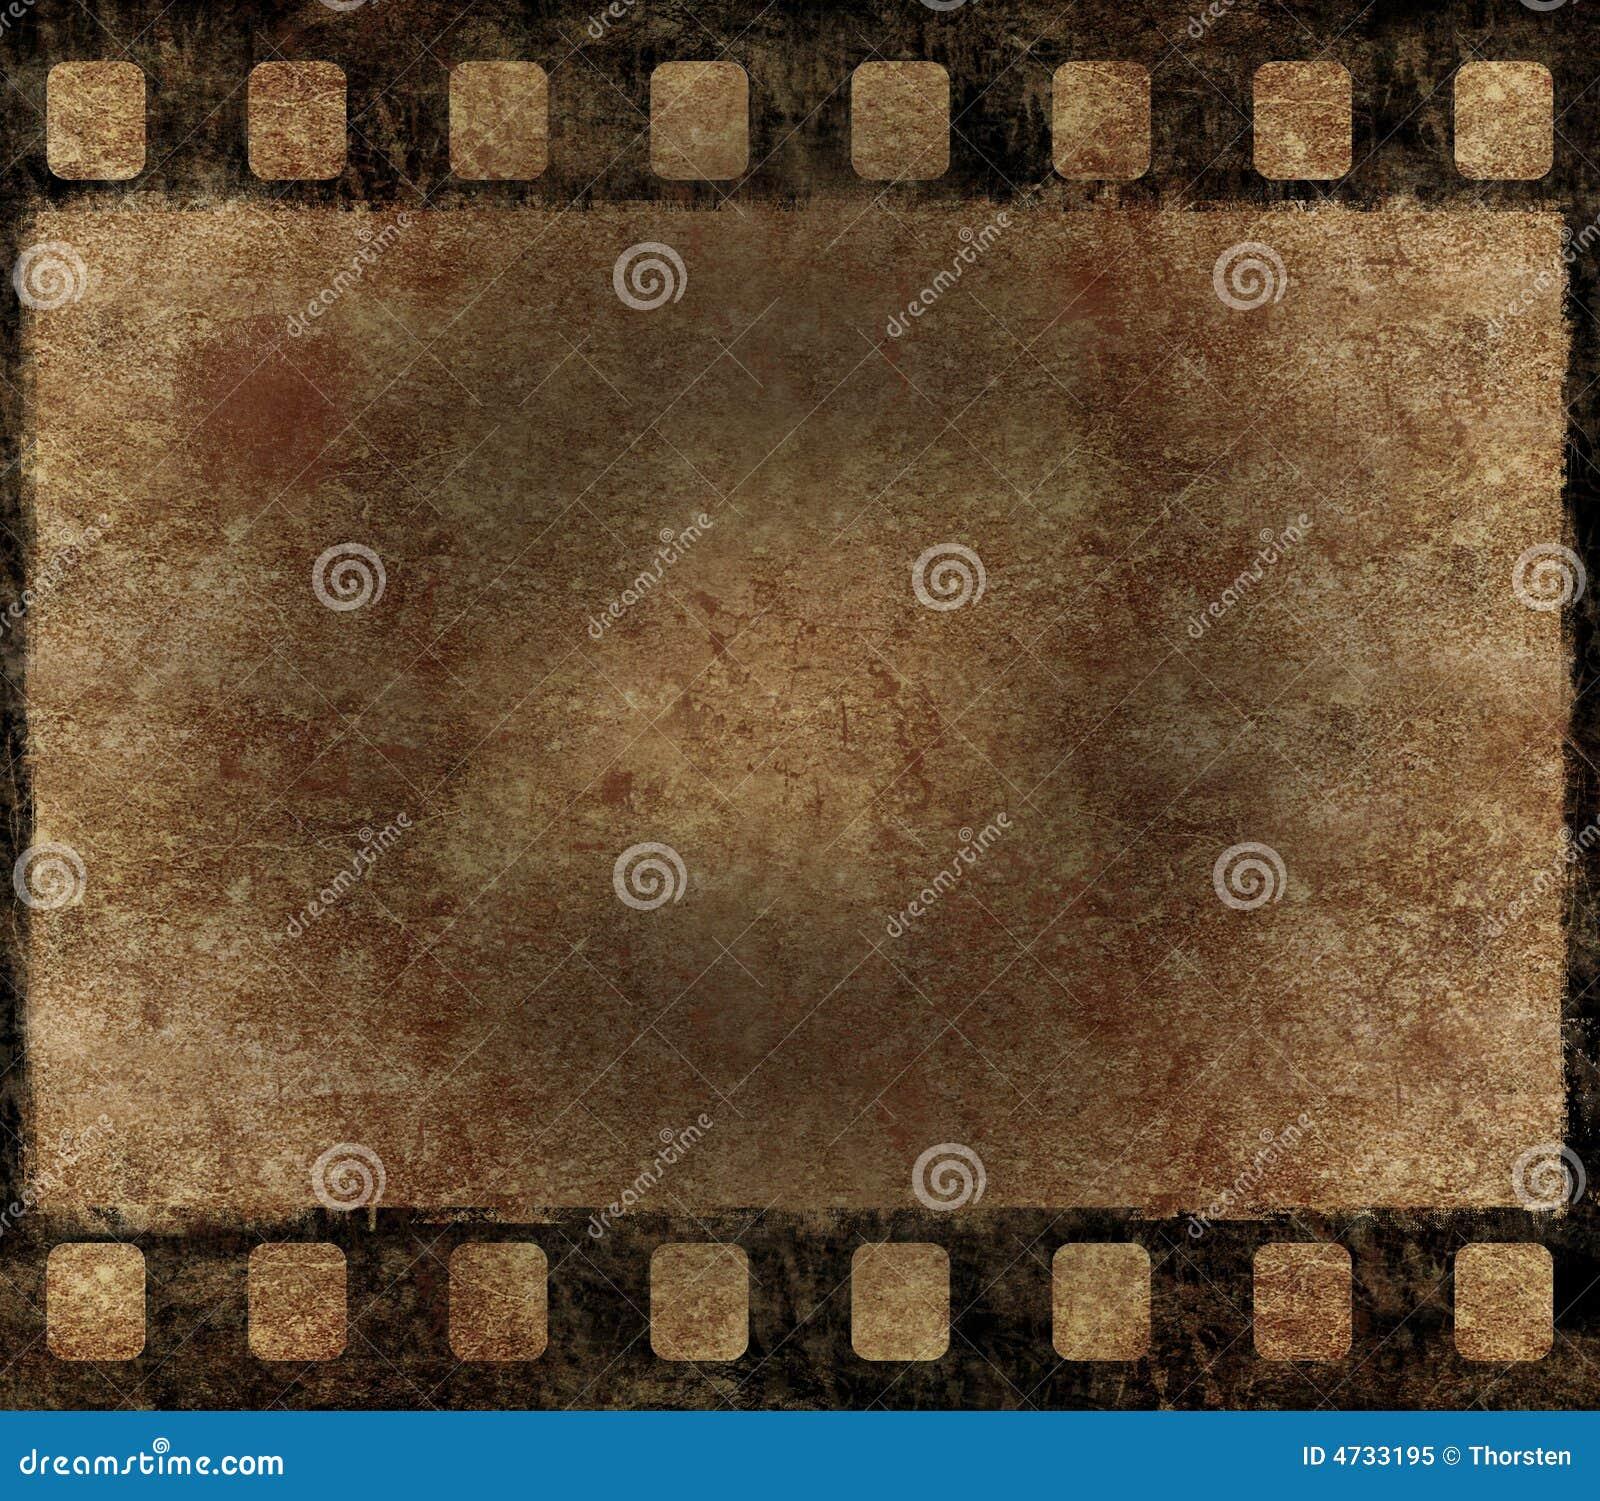 Old Film Negative Frame - Grunge Background Royalty Free ...